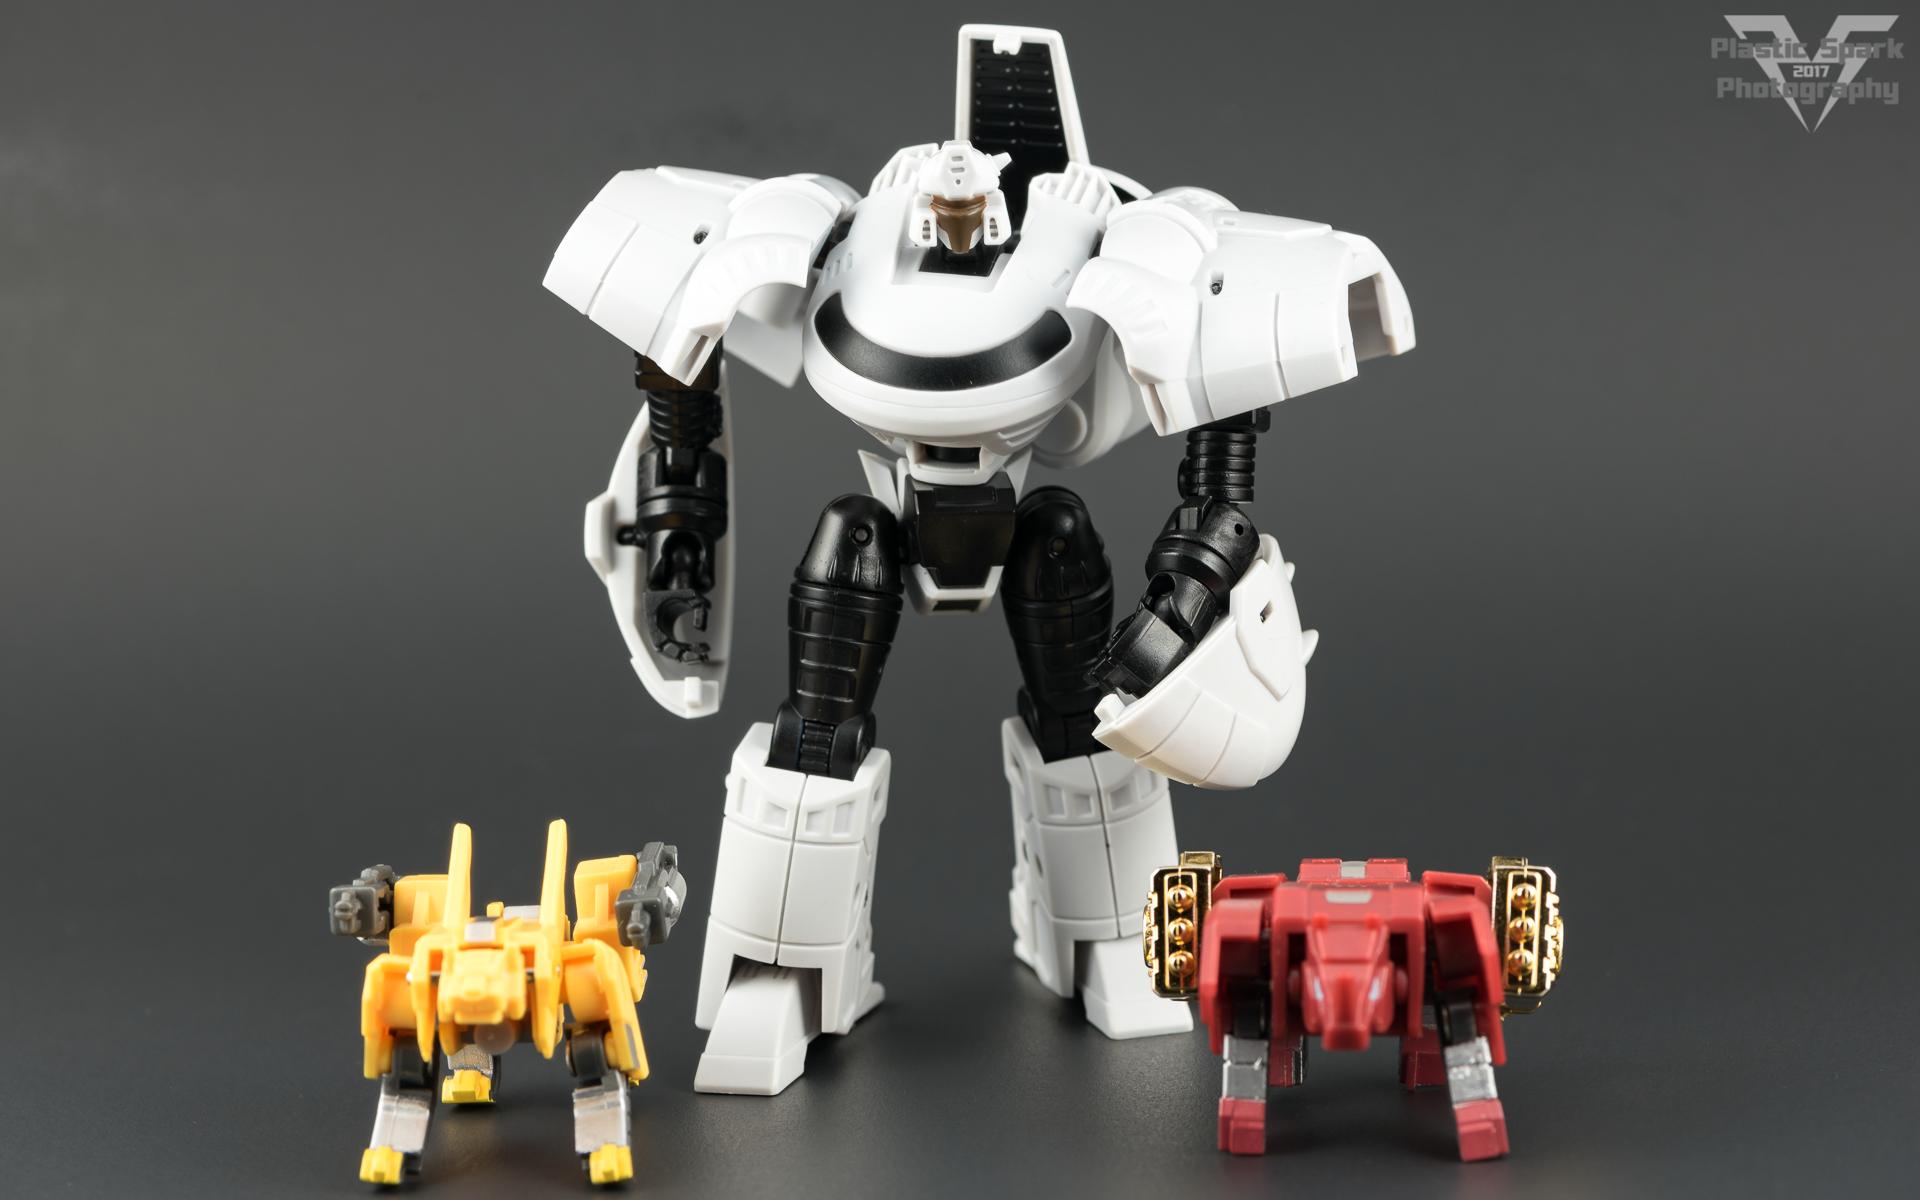 MAAS-Toys-Volk-(34-of-36).png